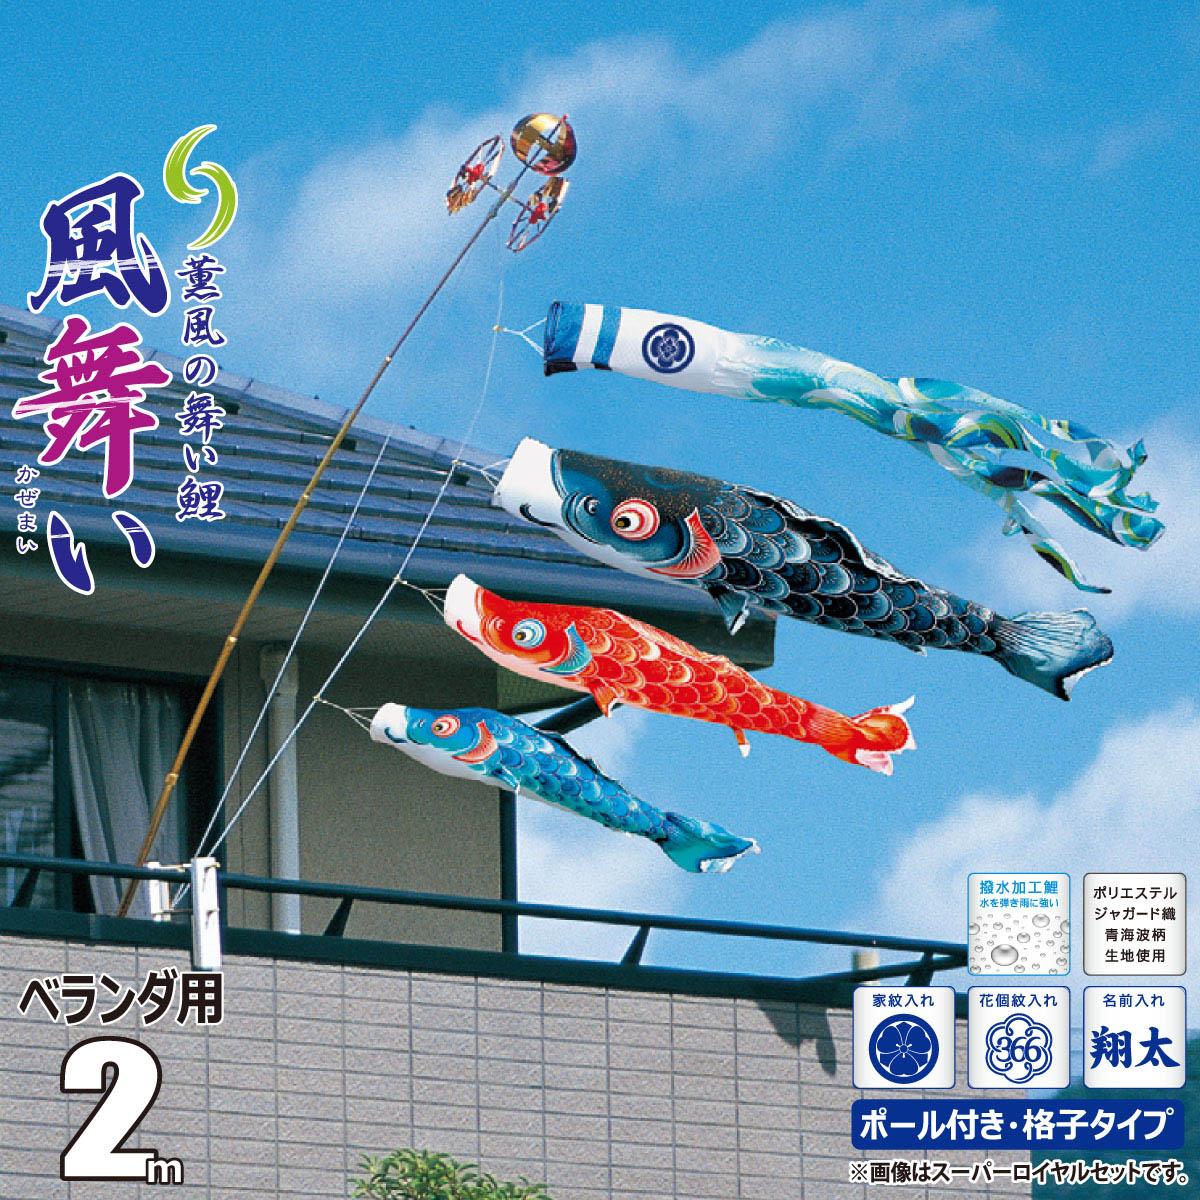 こいのぼり 2m 風舞い 6点 (矢車、ロープ、吹流し、鯉3匹) ベランダ用 ロイヤルセット (ベランダ用 取付金具付き) 徳永鯉のぼり KIT-120-100